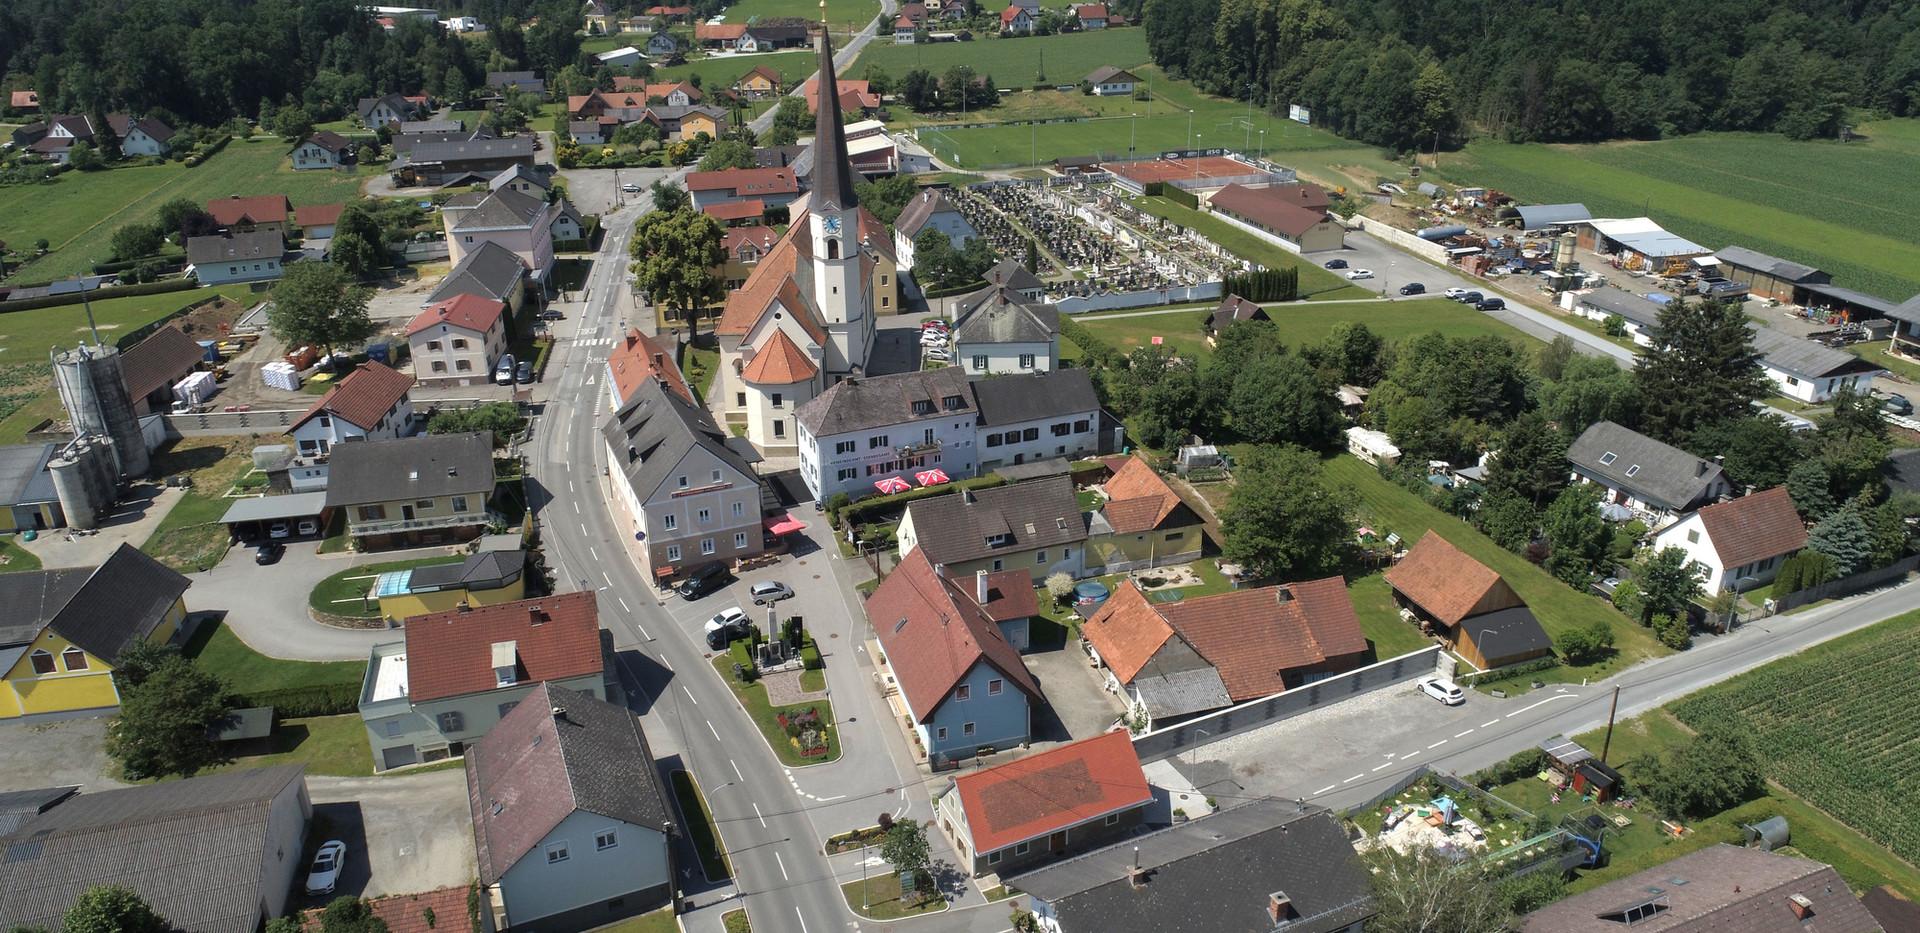 Wundschuh mit Kirchenwirt